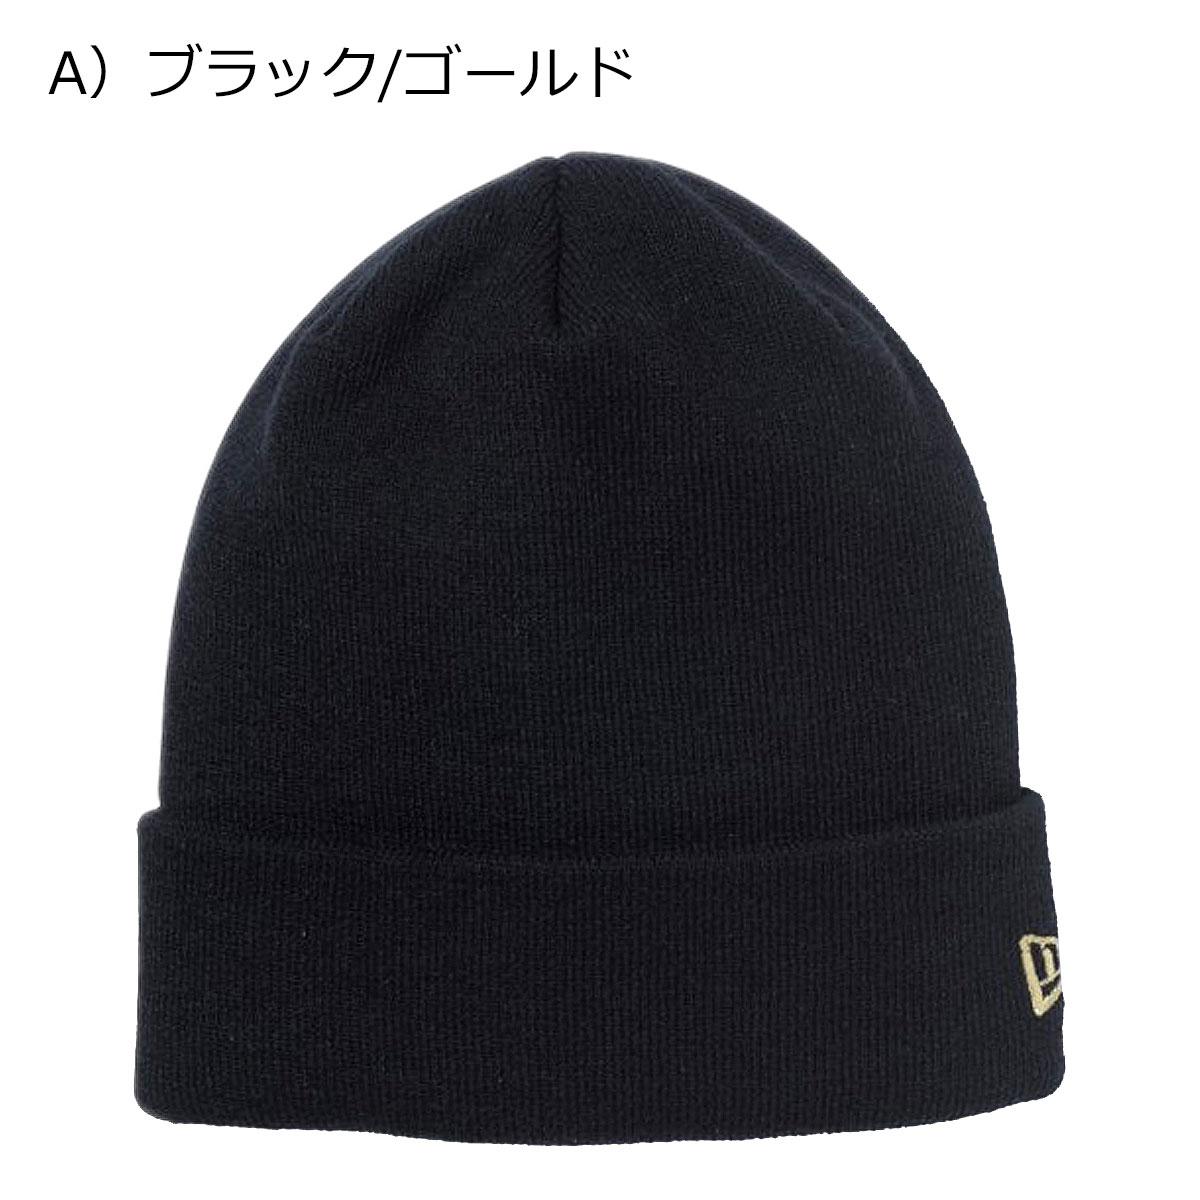 A)ブラック/ゴールド